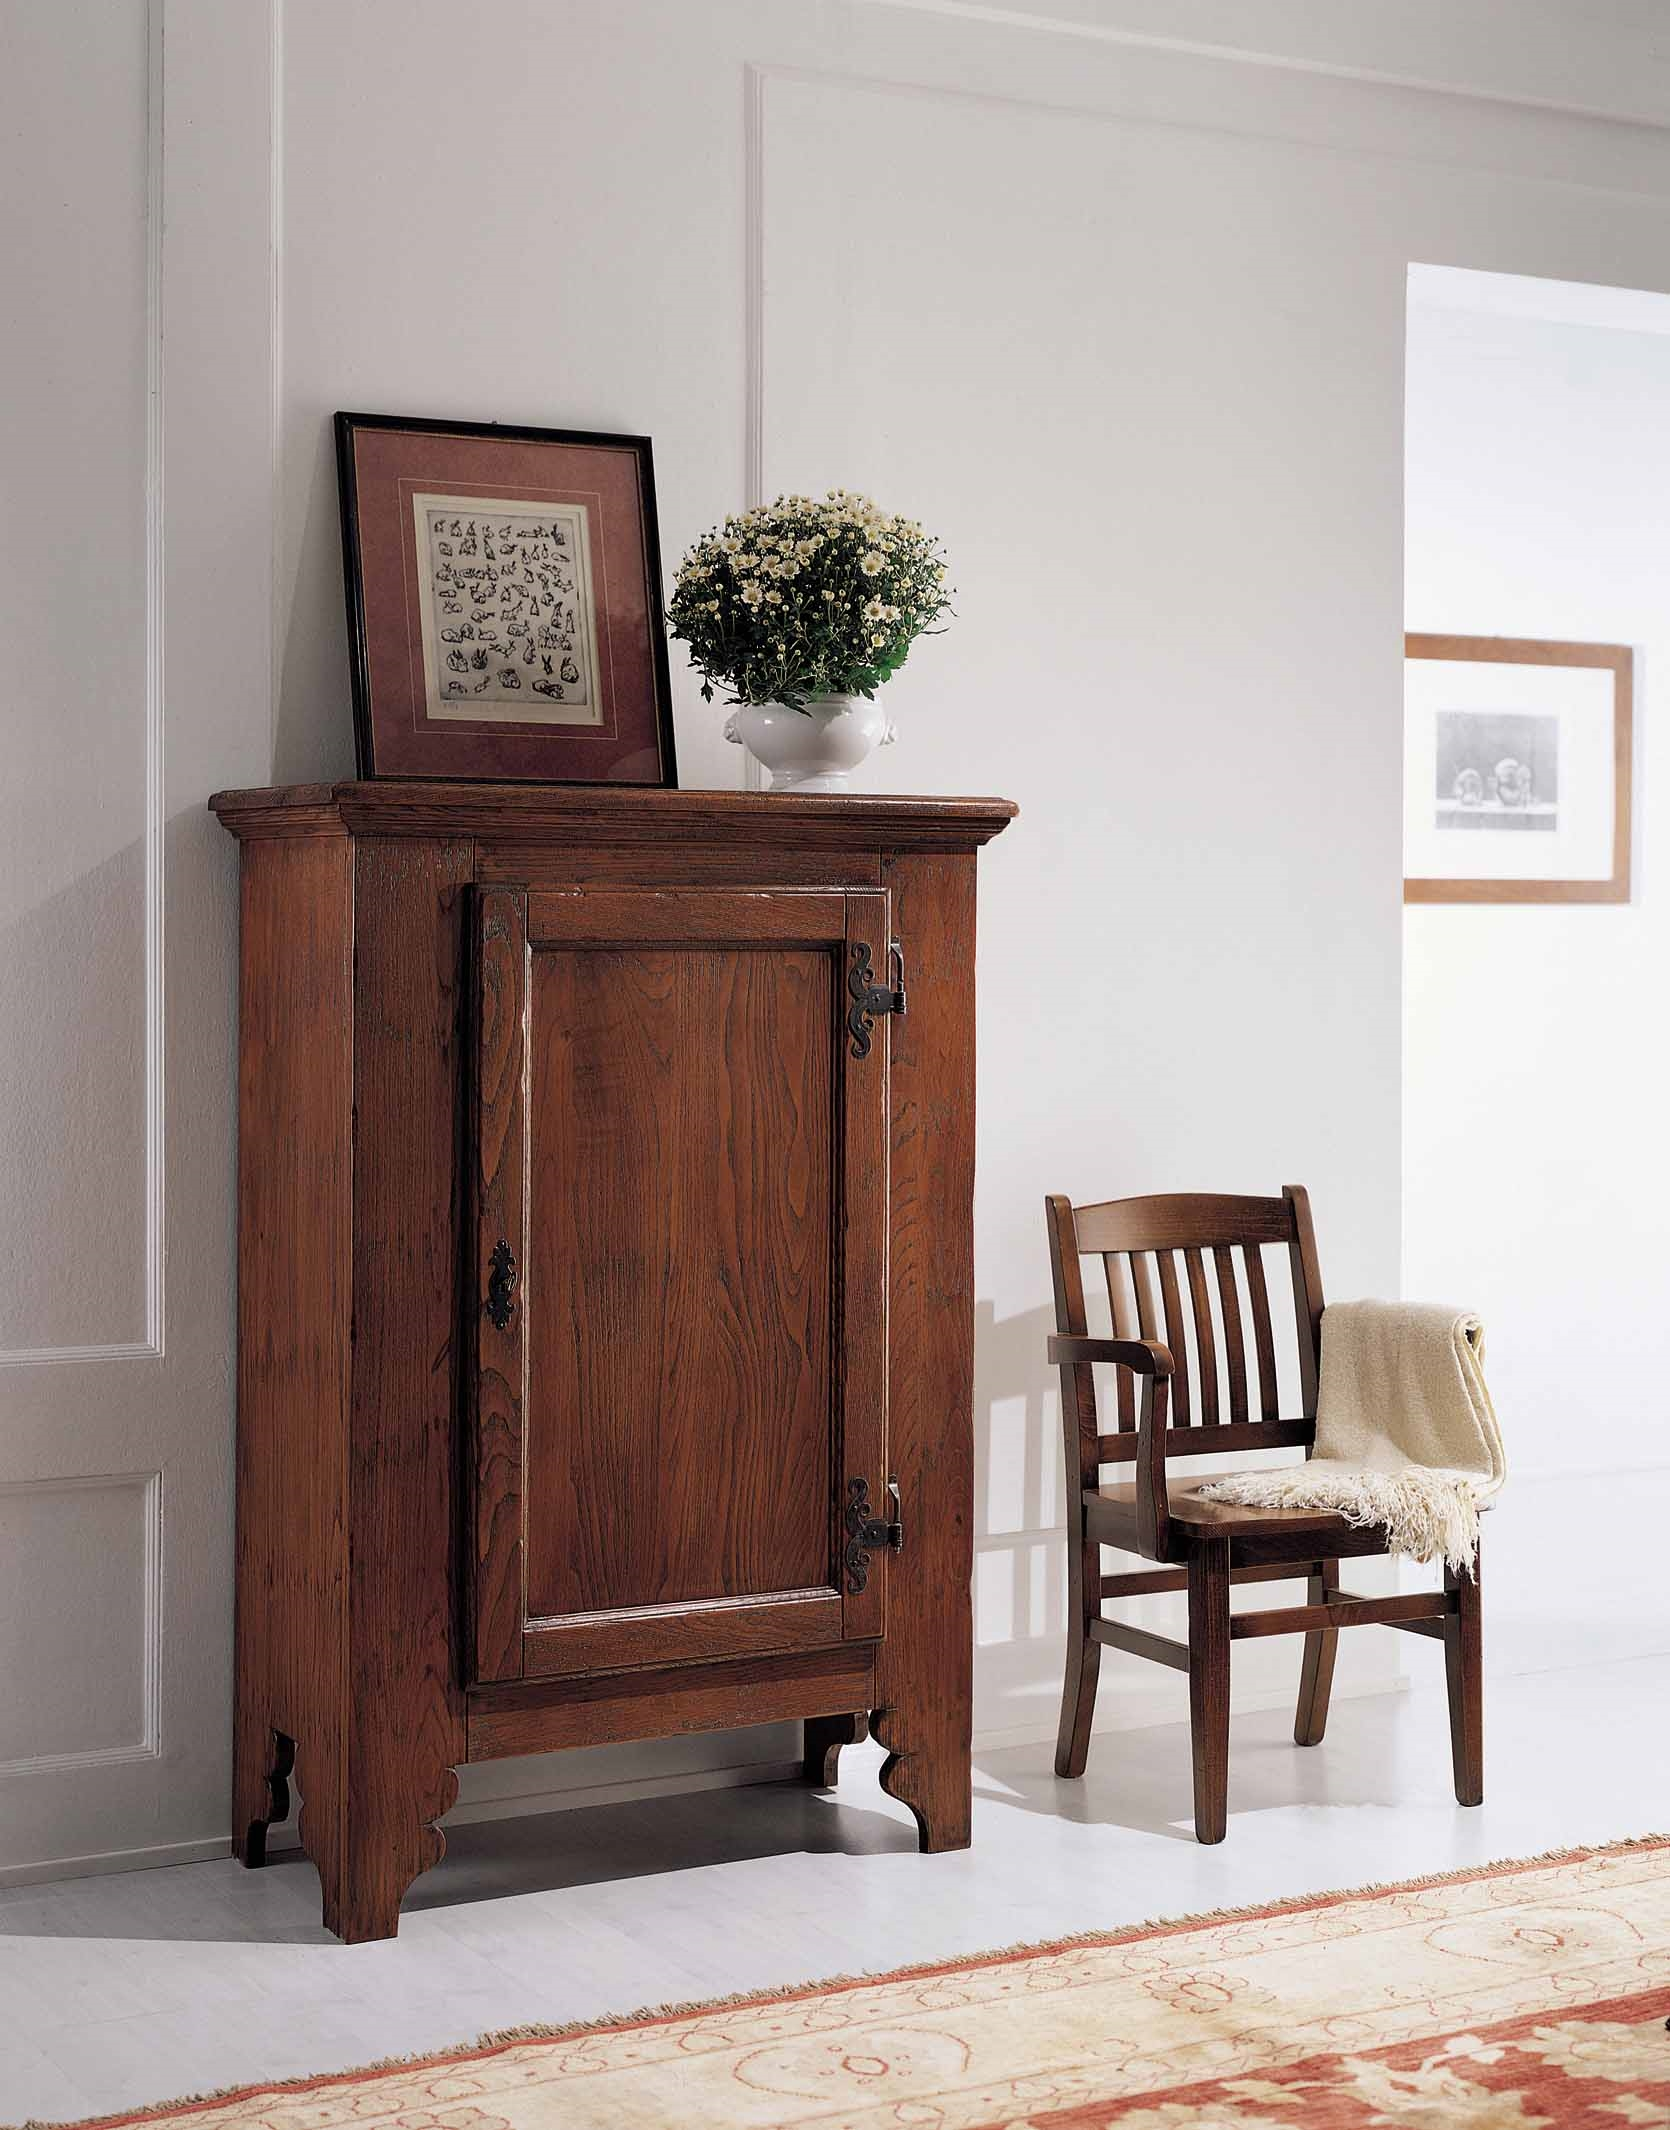 Armadietto 1 porta in legno massello collezione rialto by rossini braggion soggiorni a - Porta in legno massello ...